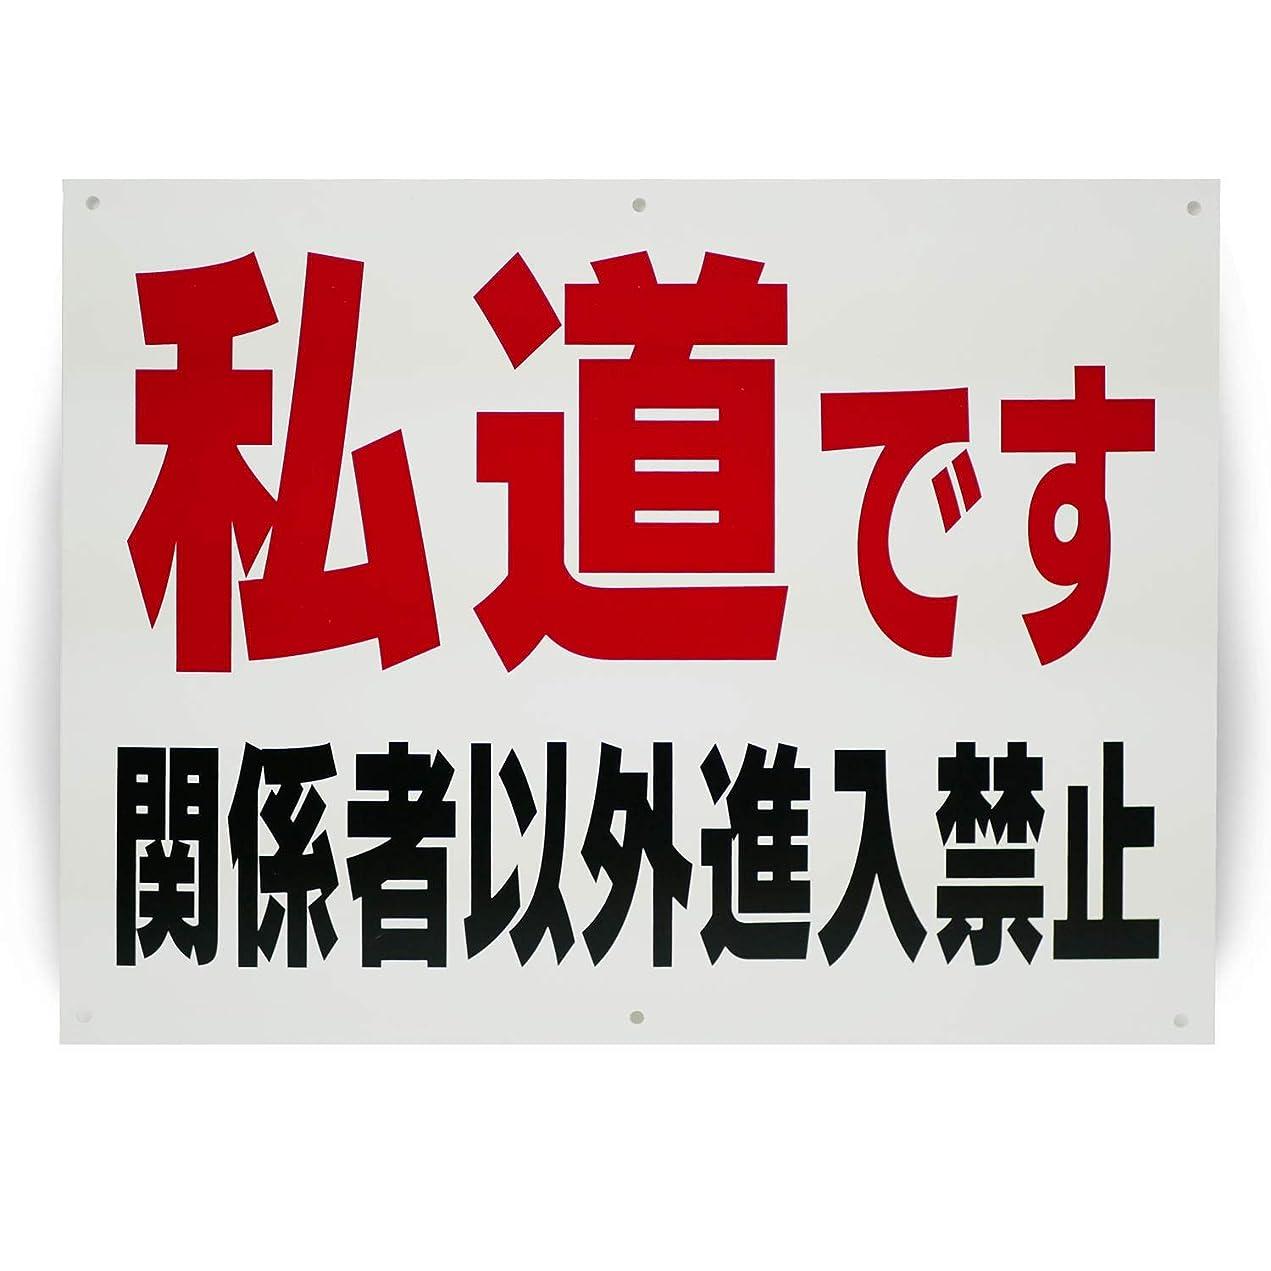 「私道です 関係者以外進入禁止」 注意 パネル看板 幅40cm×高さ30cm 厚さ1ミリ 大きな文字でわかりやすい